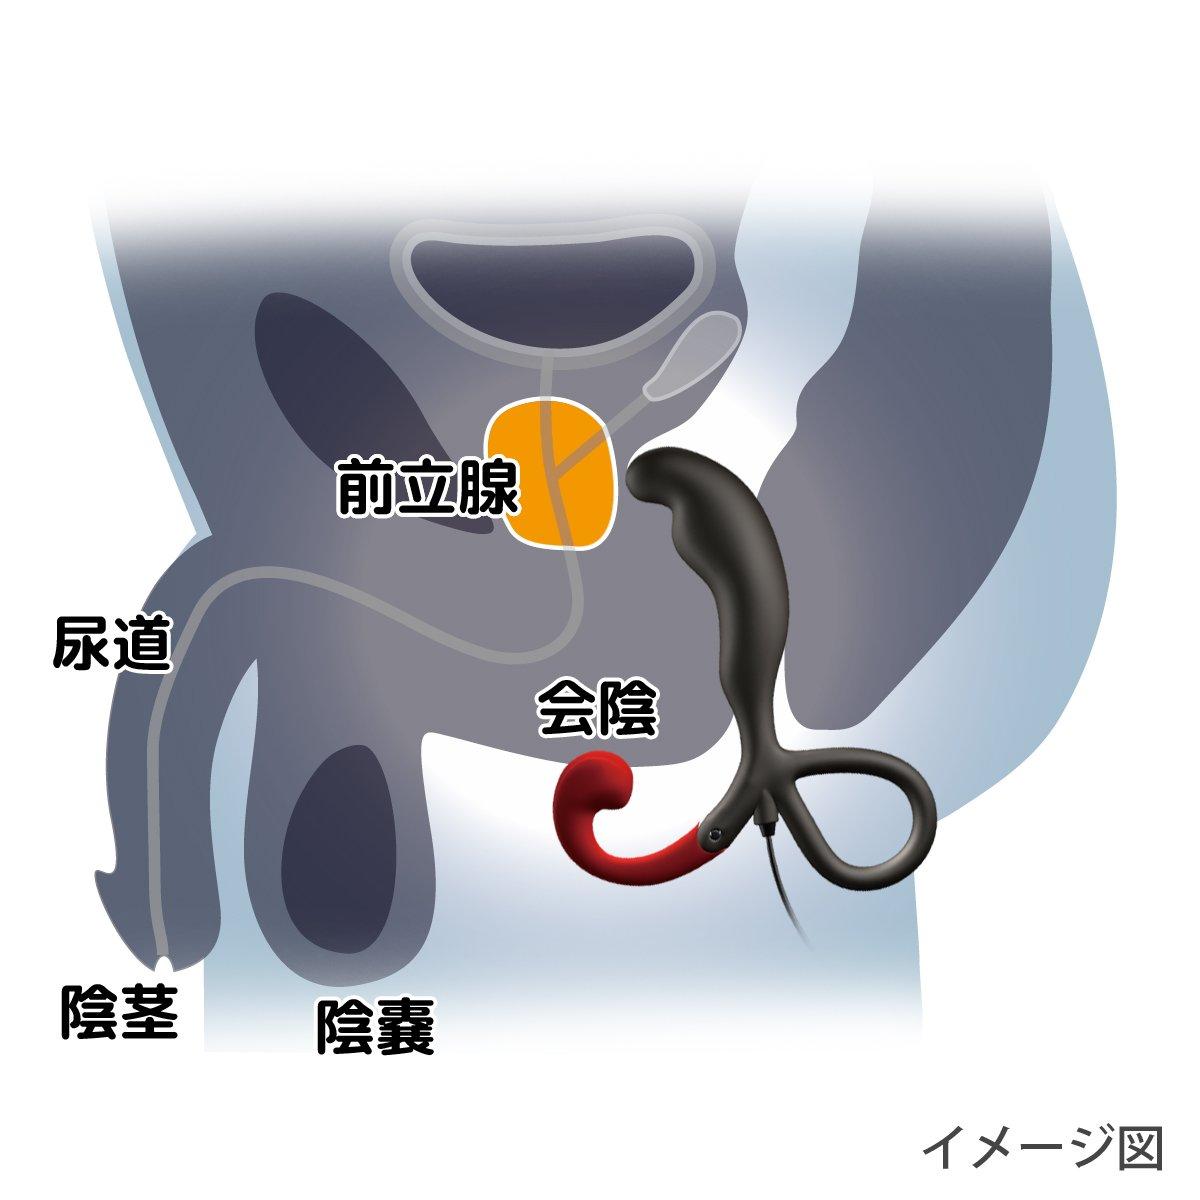 에네마블 R Type-1 POP 이미지 4